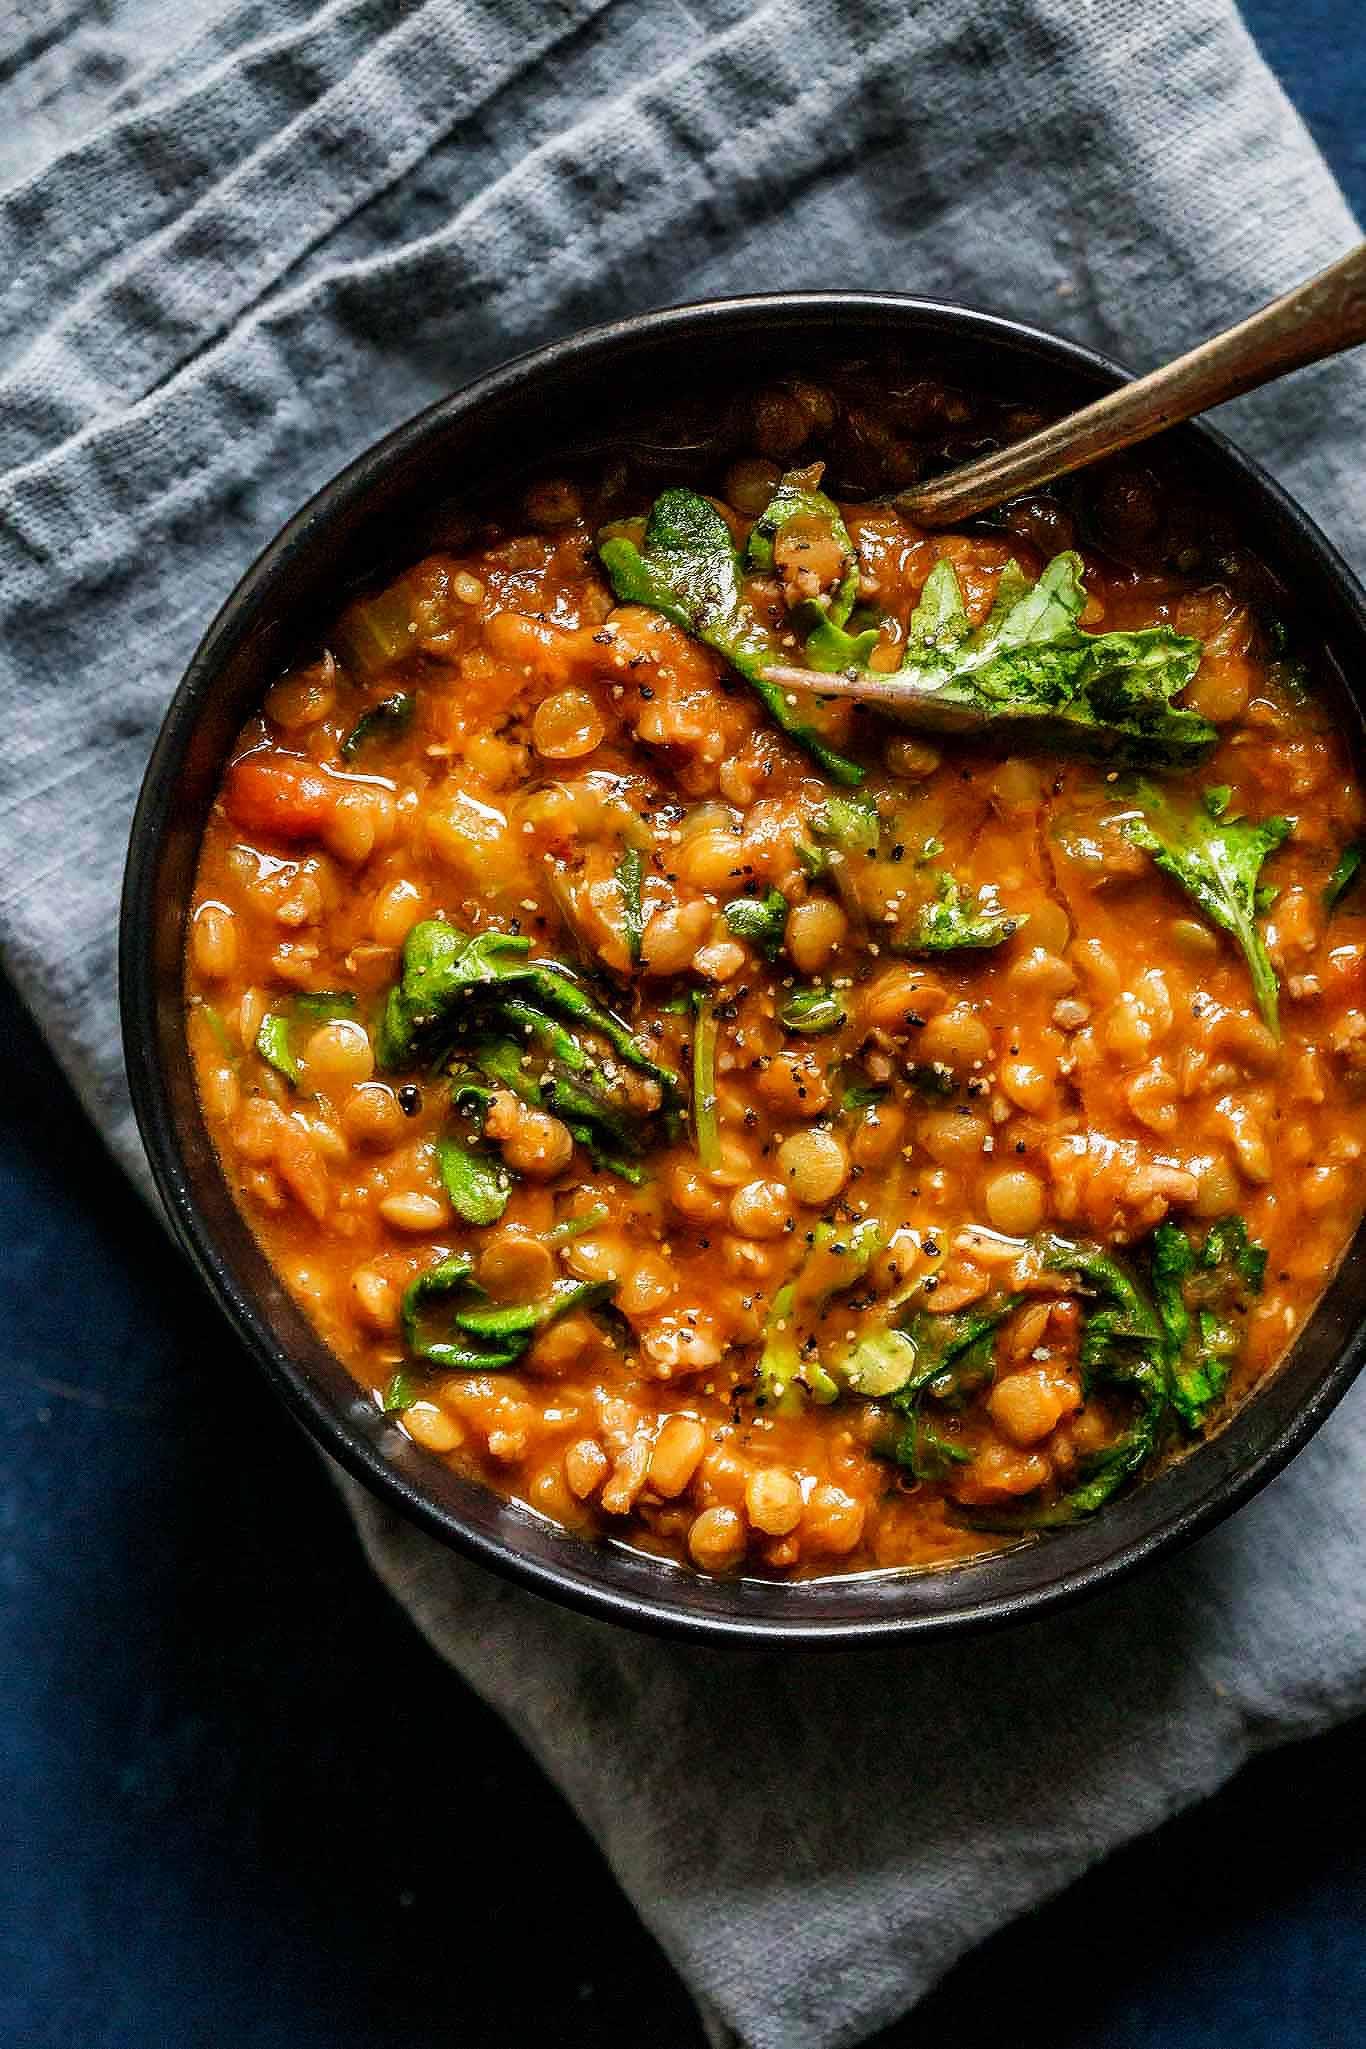 Instant Pot Healthy Soup Recipes  Instant Pot Lentil Soup with Sausage & Kale